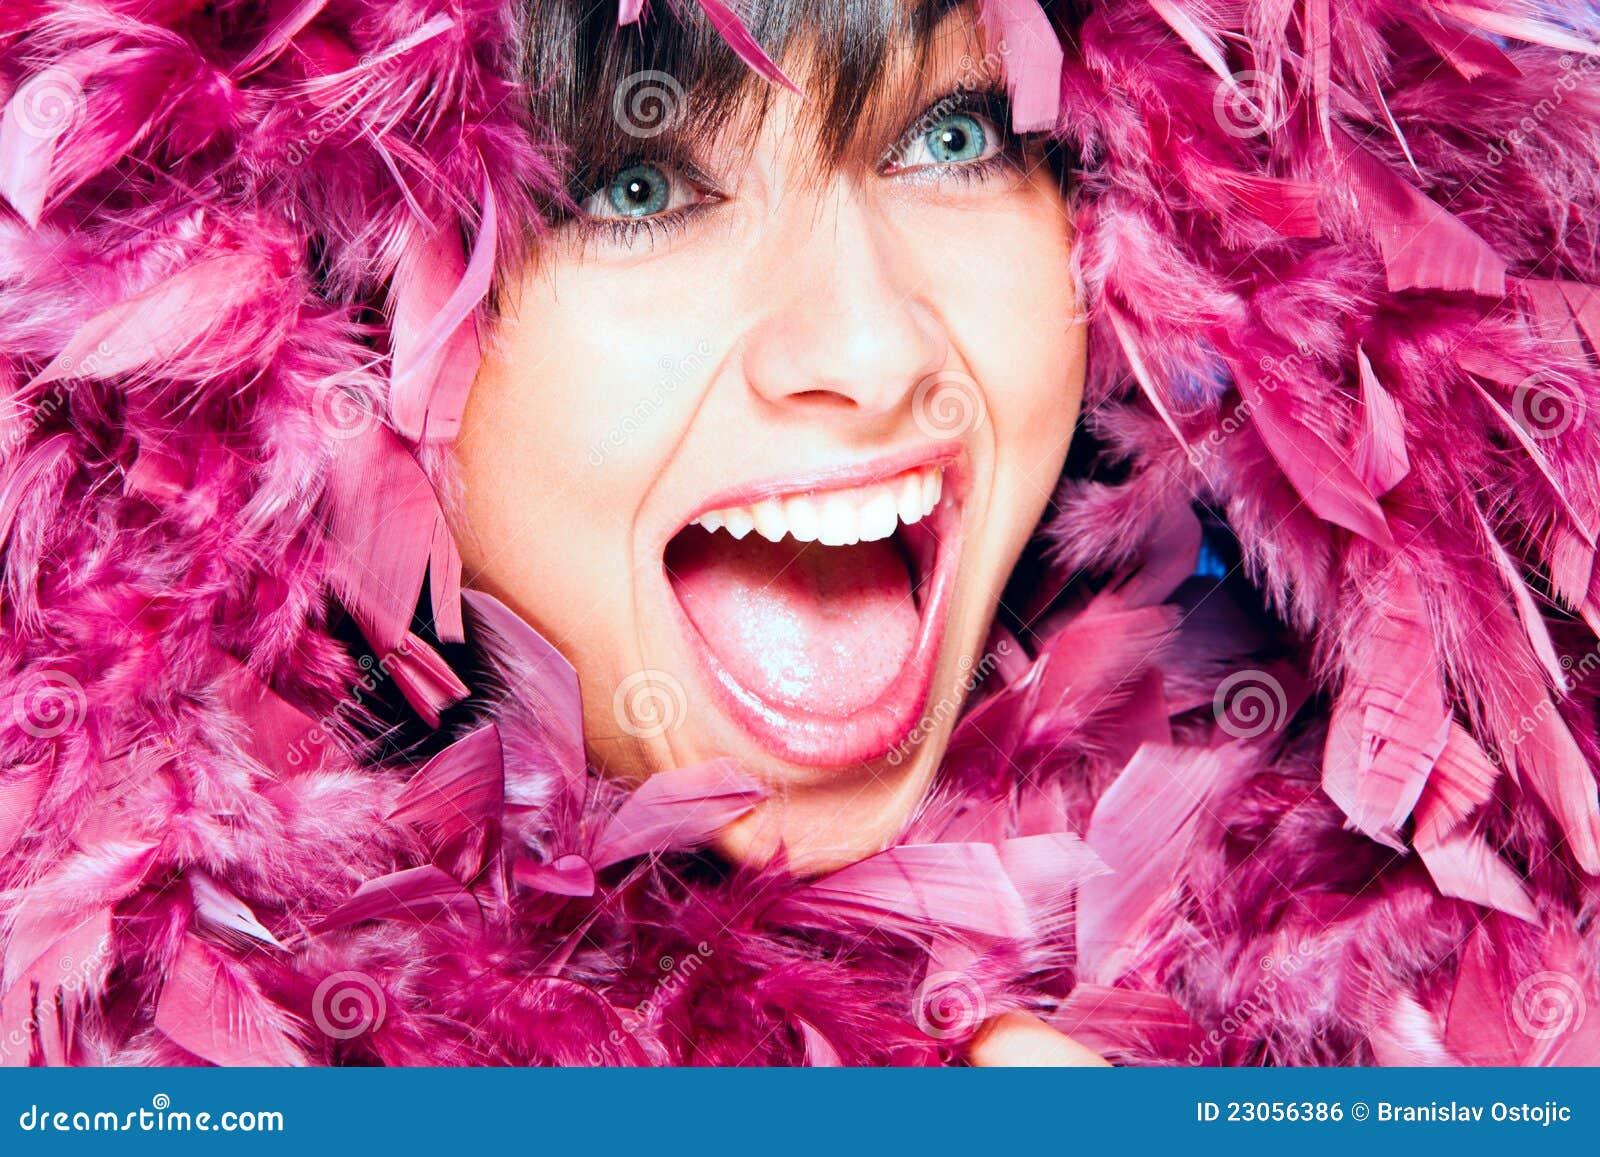 картинки женщины веселые